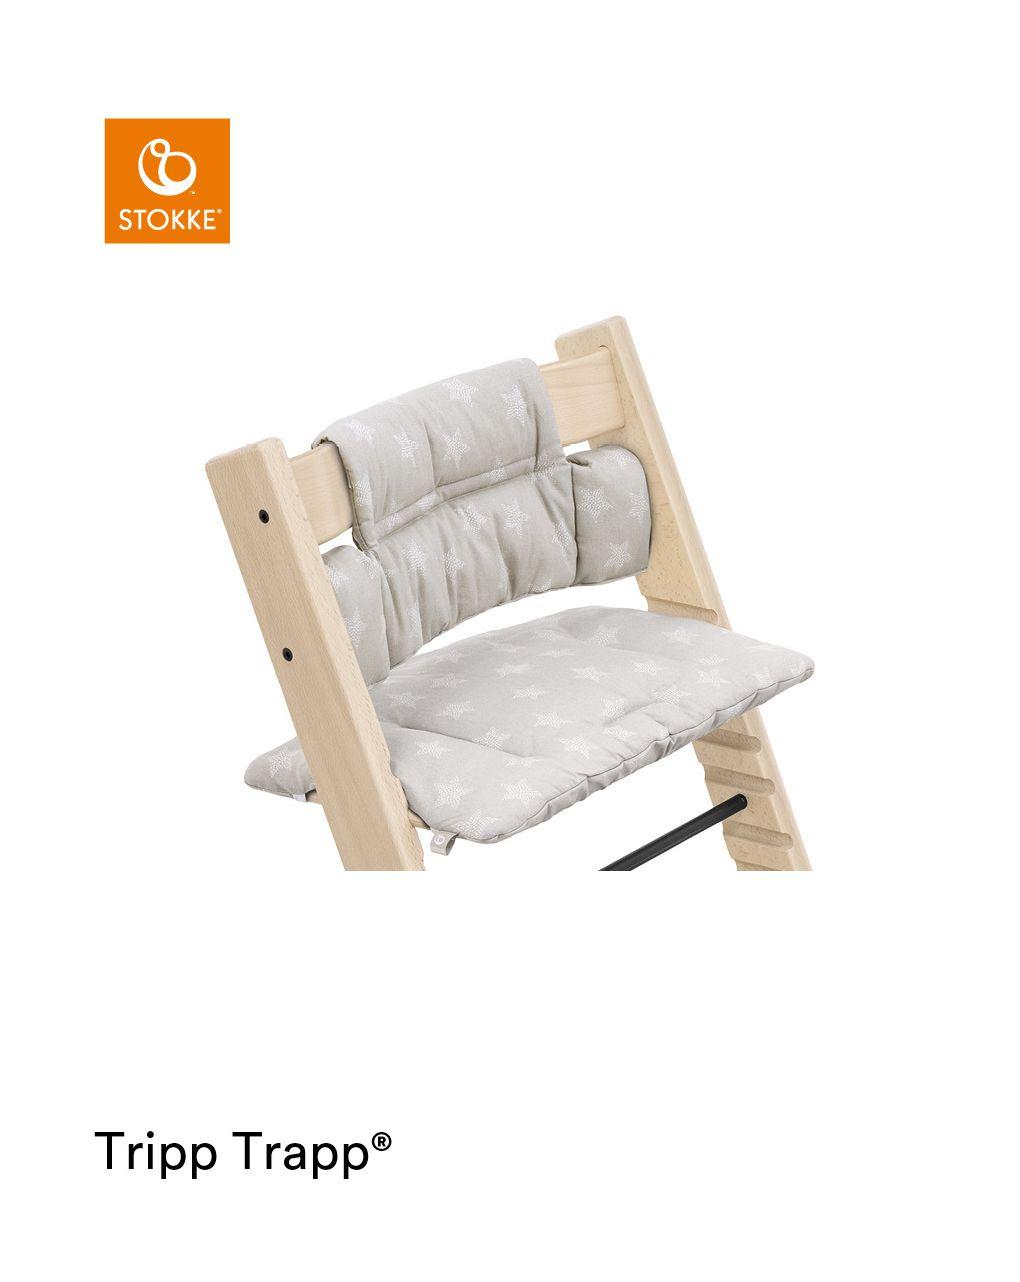 Tripp trapp® classic cushion stars silver ocs cuscino per seggiolone, morbido e avvolgente per il tuo bambino - Stokke